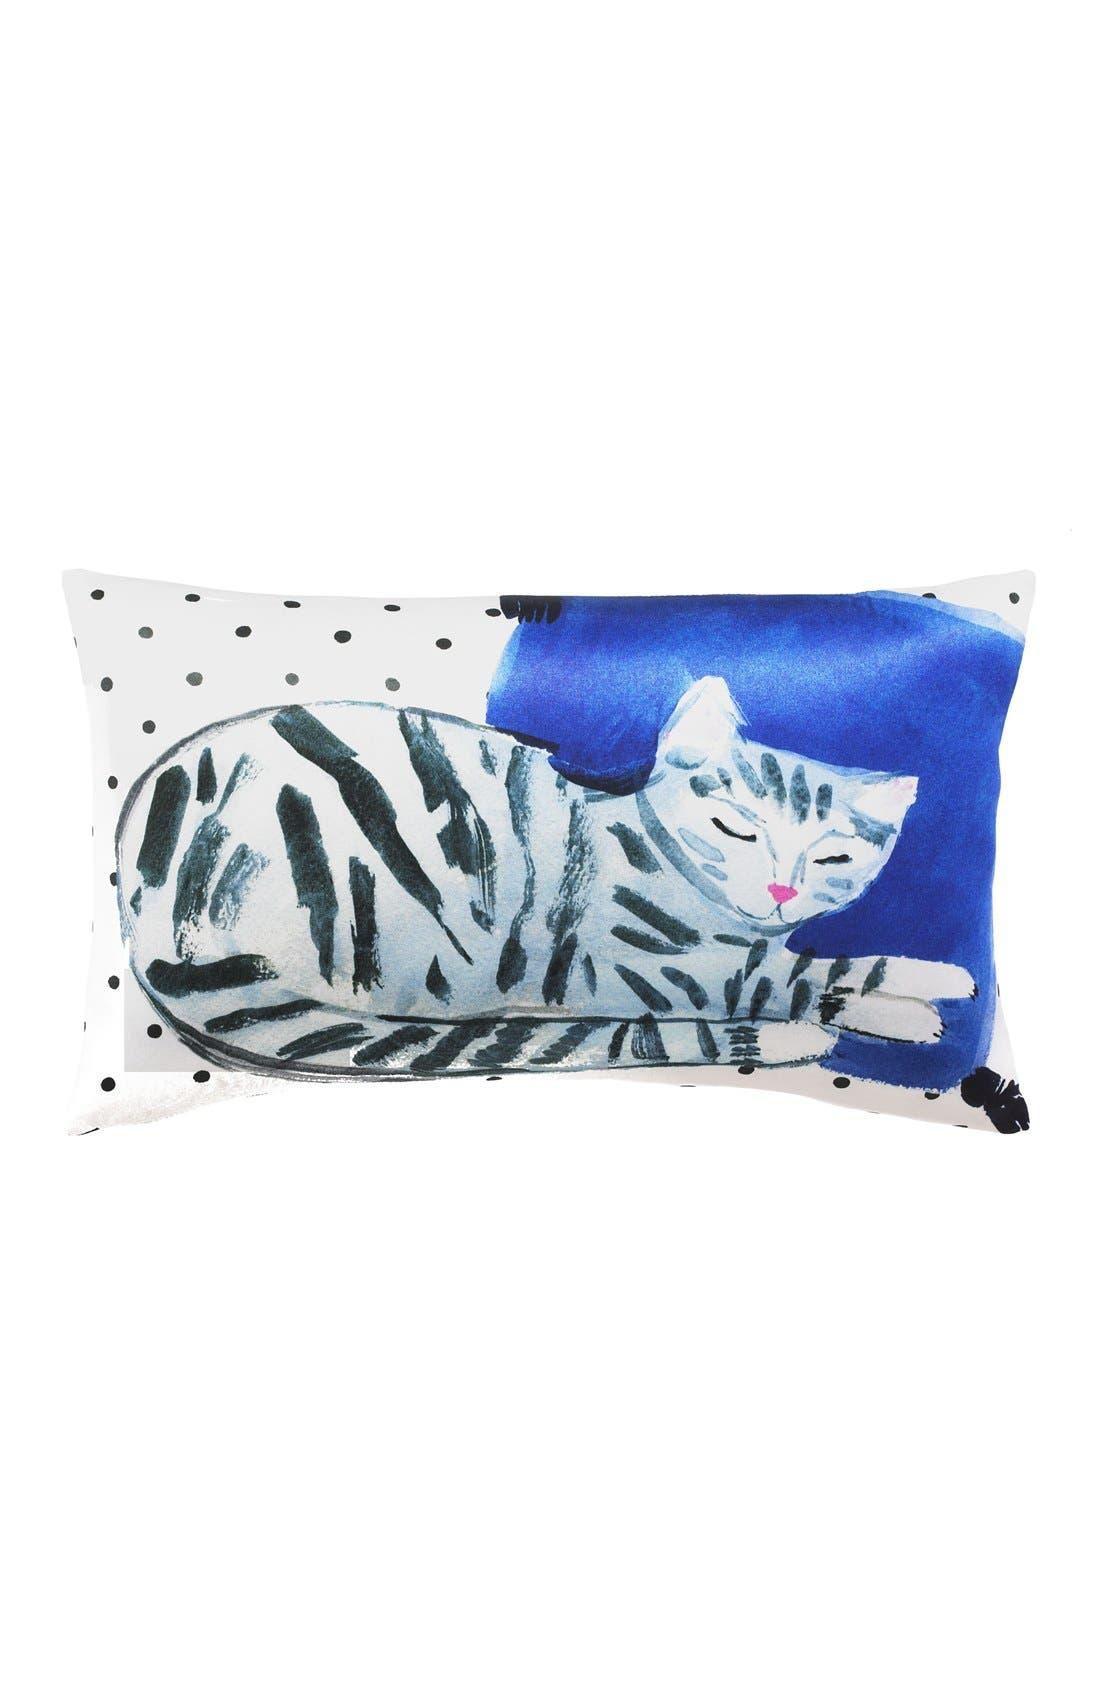 kate spade new york 'cat nap' accent pillow